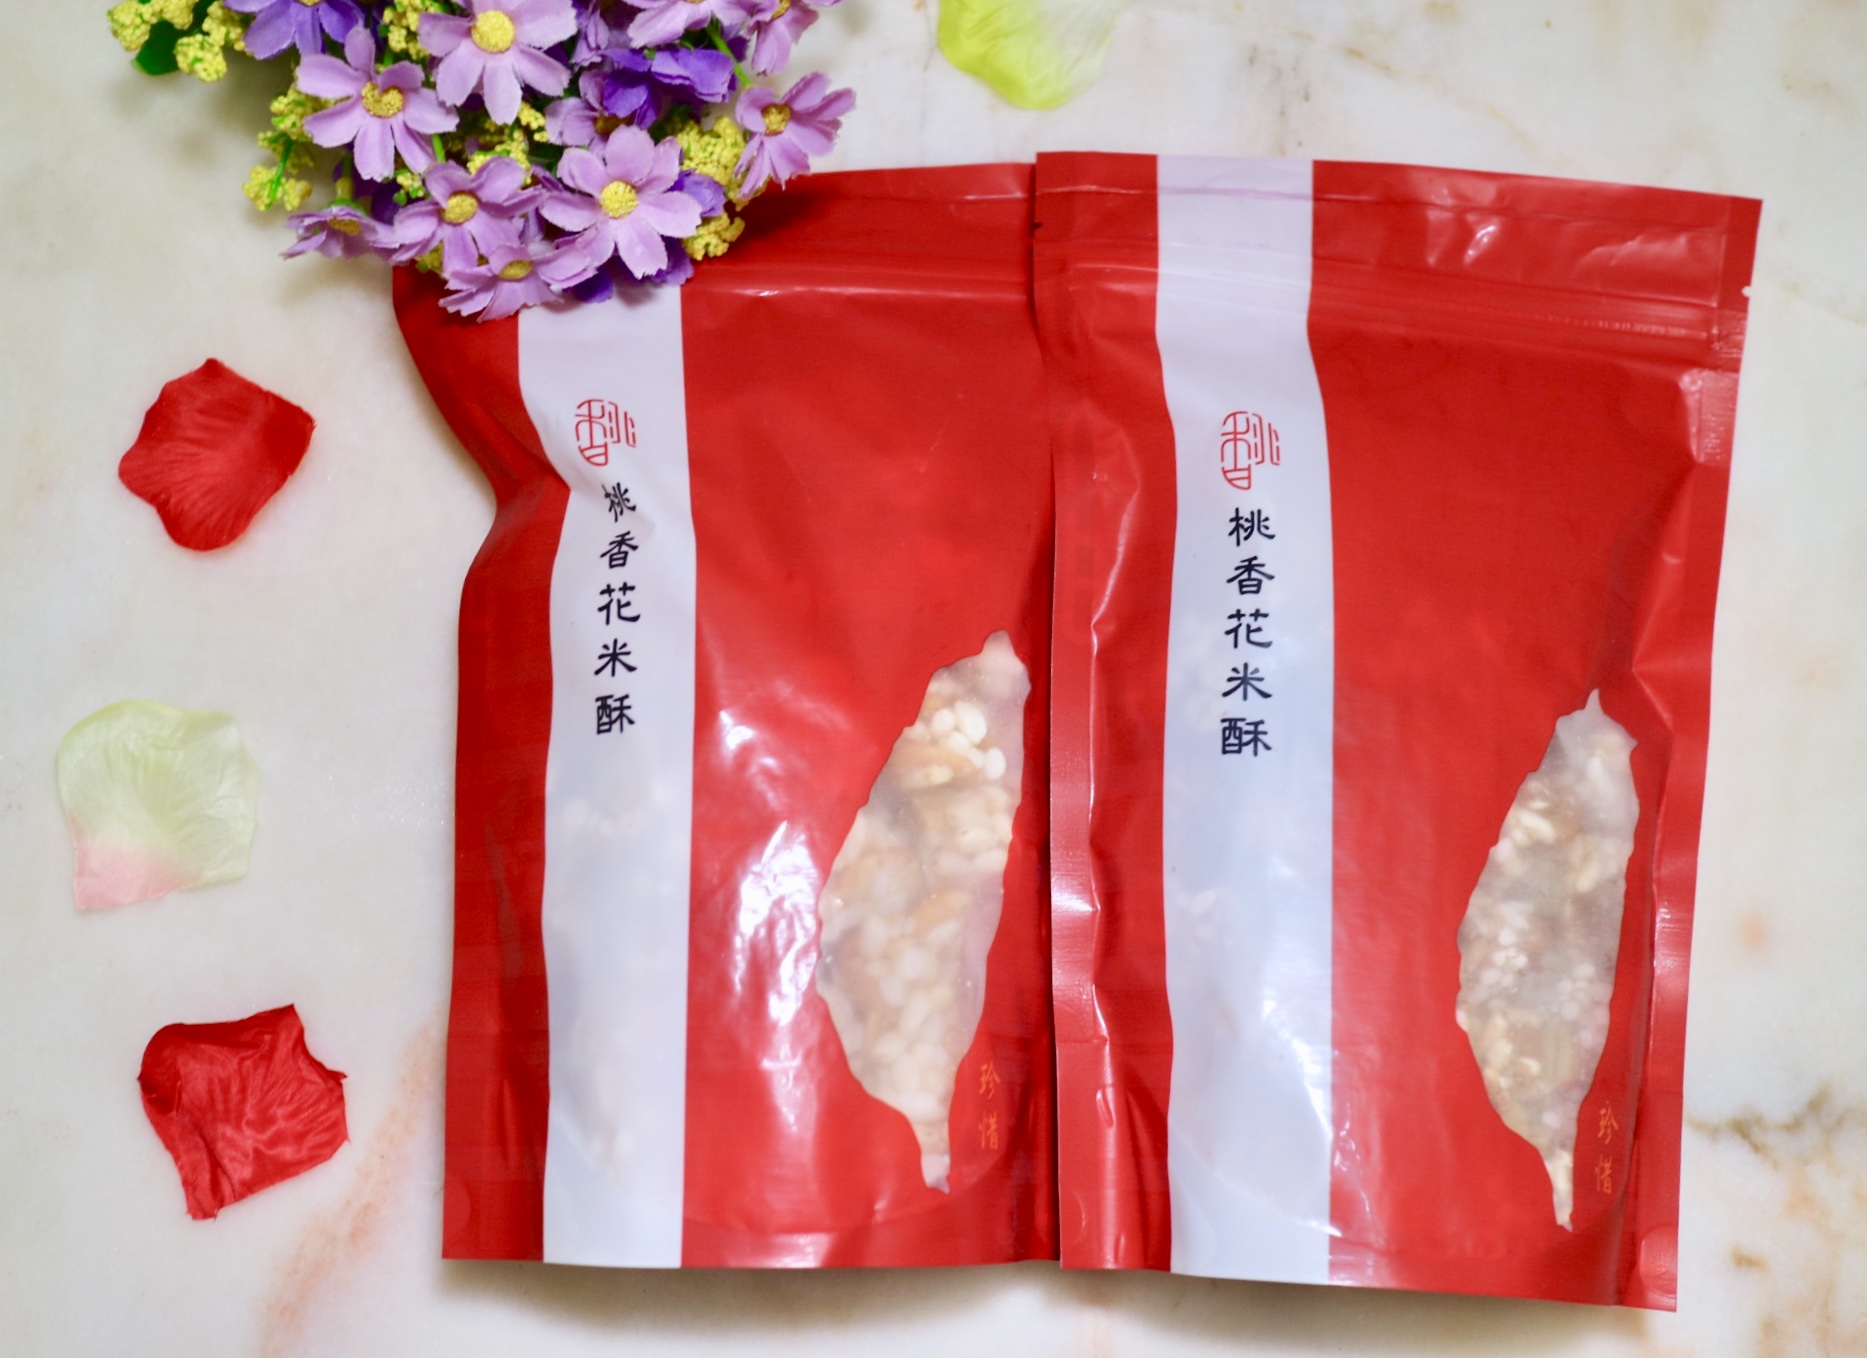 桃香花米酥